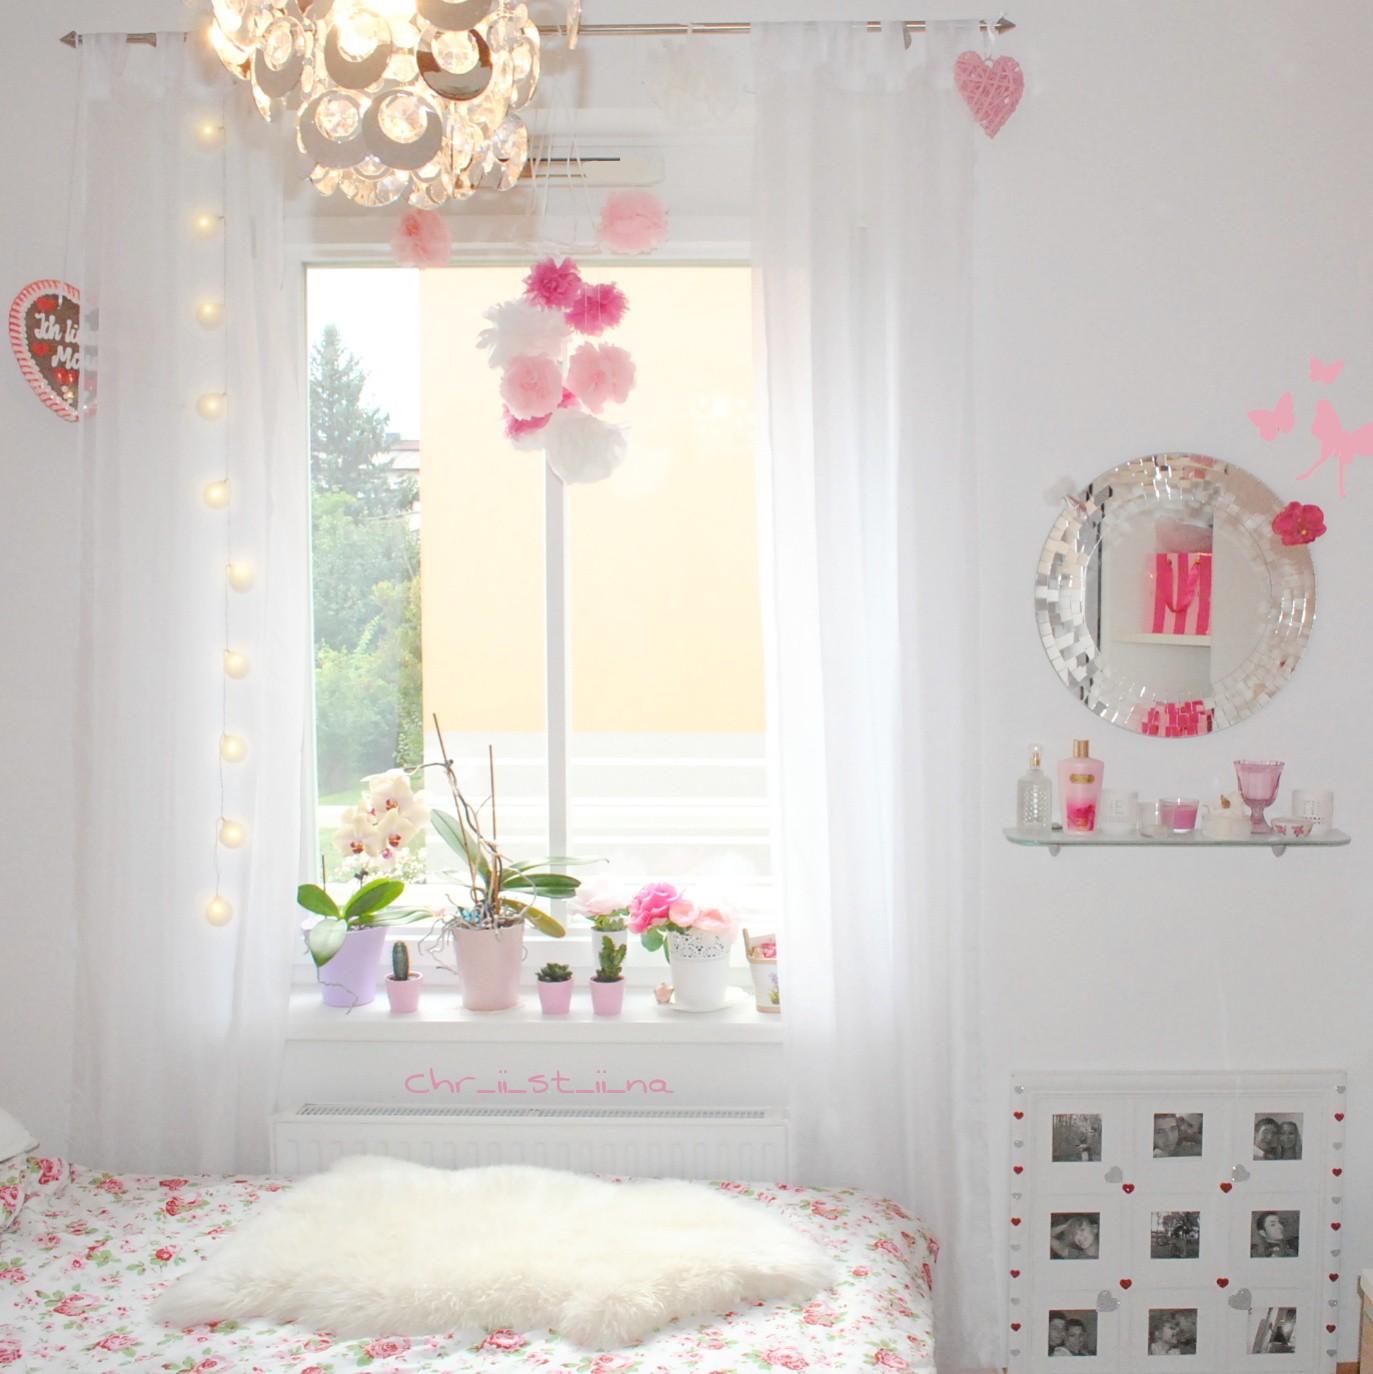 chr ii st ii na servietten pompons. Black Bedroom Furniture Sets. Home Design Ideas